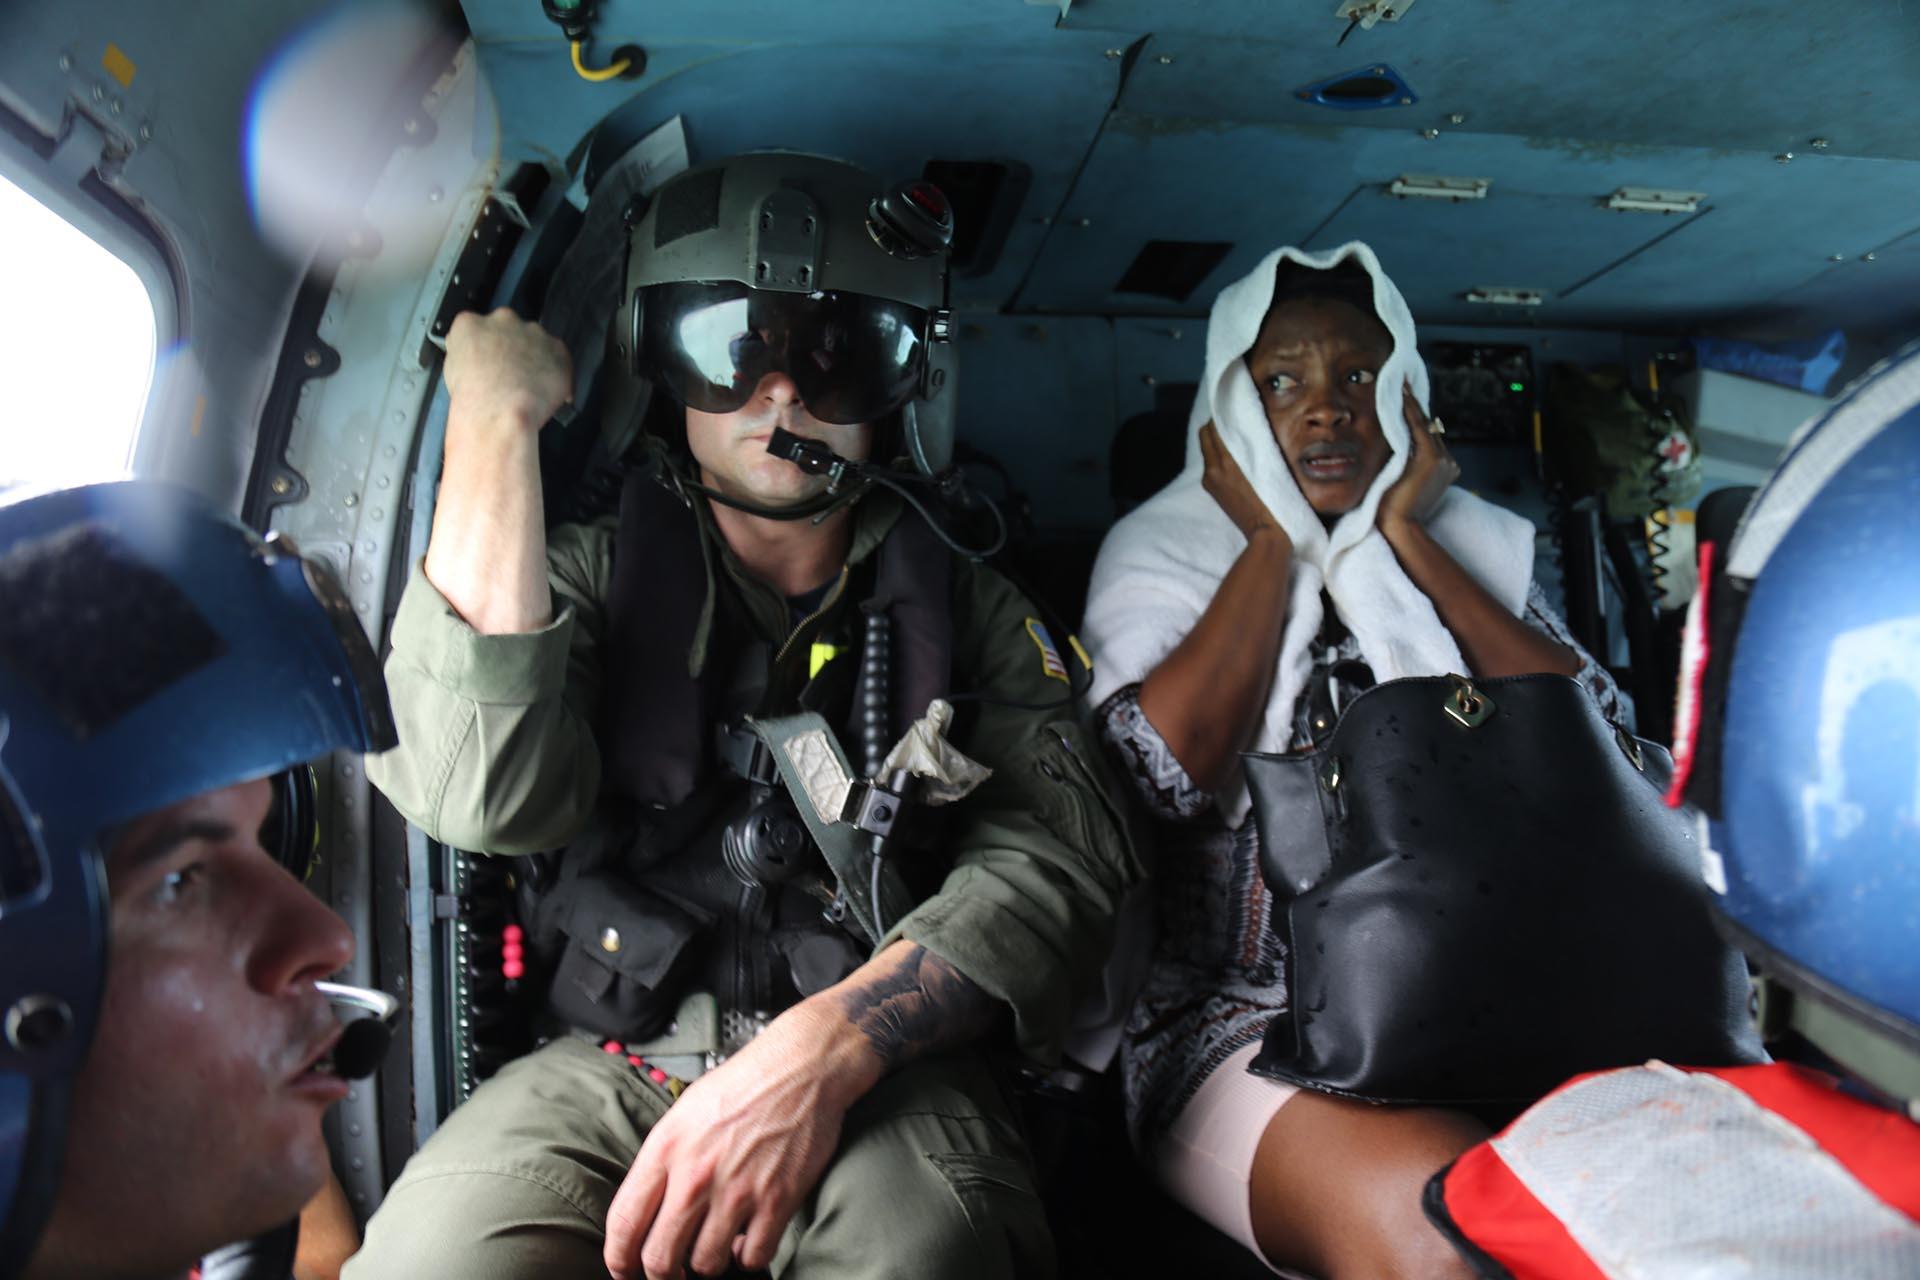 Utilizando botes, helicópteros e incluso motos acuáticas, los equipos de las Bahamas, de los EEUU y los británicos realizaron un agitado esfuerzo de rescate para las víctimas del huracán Dorian, que causó una destrucción inimaginable en las Bahamas